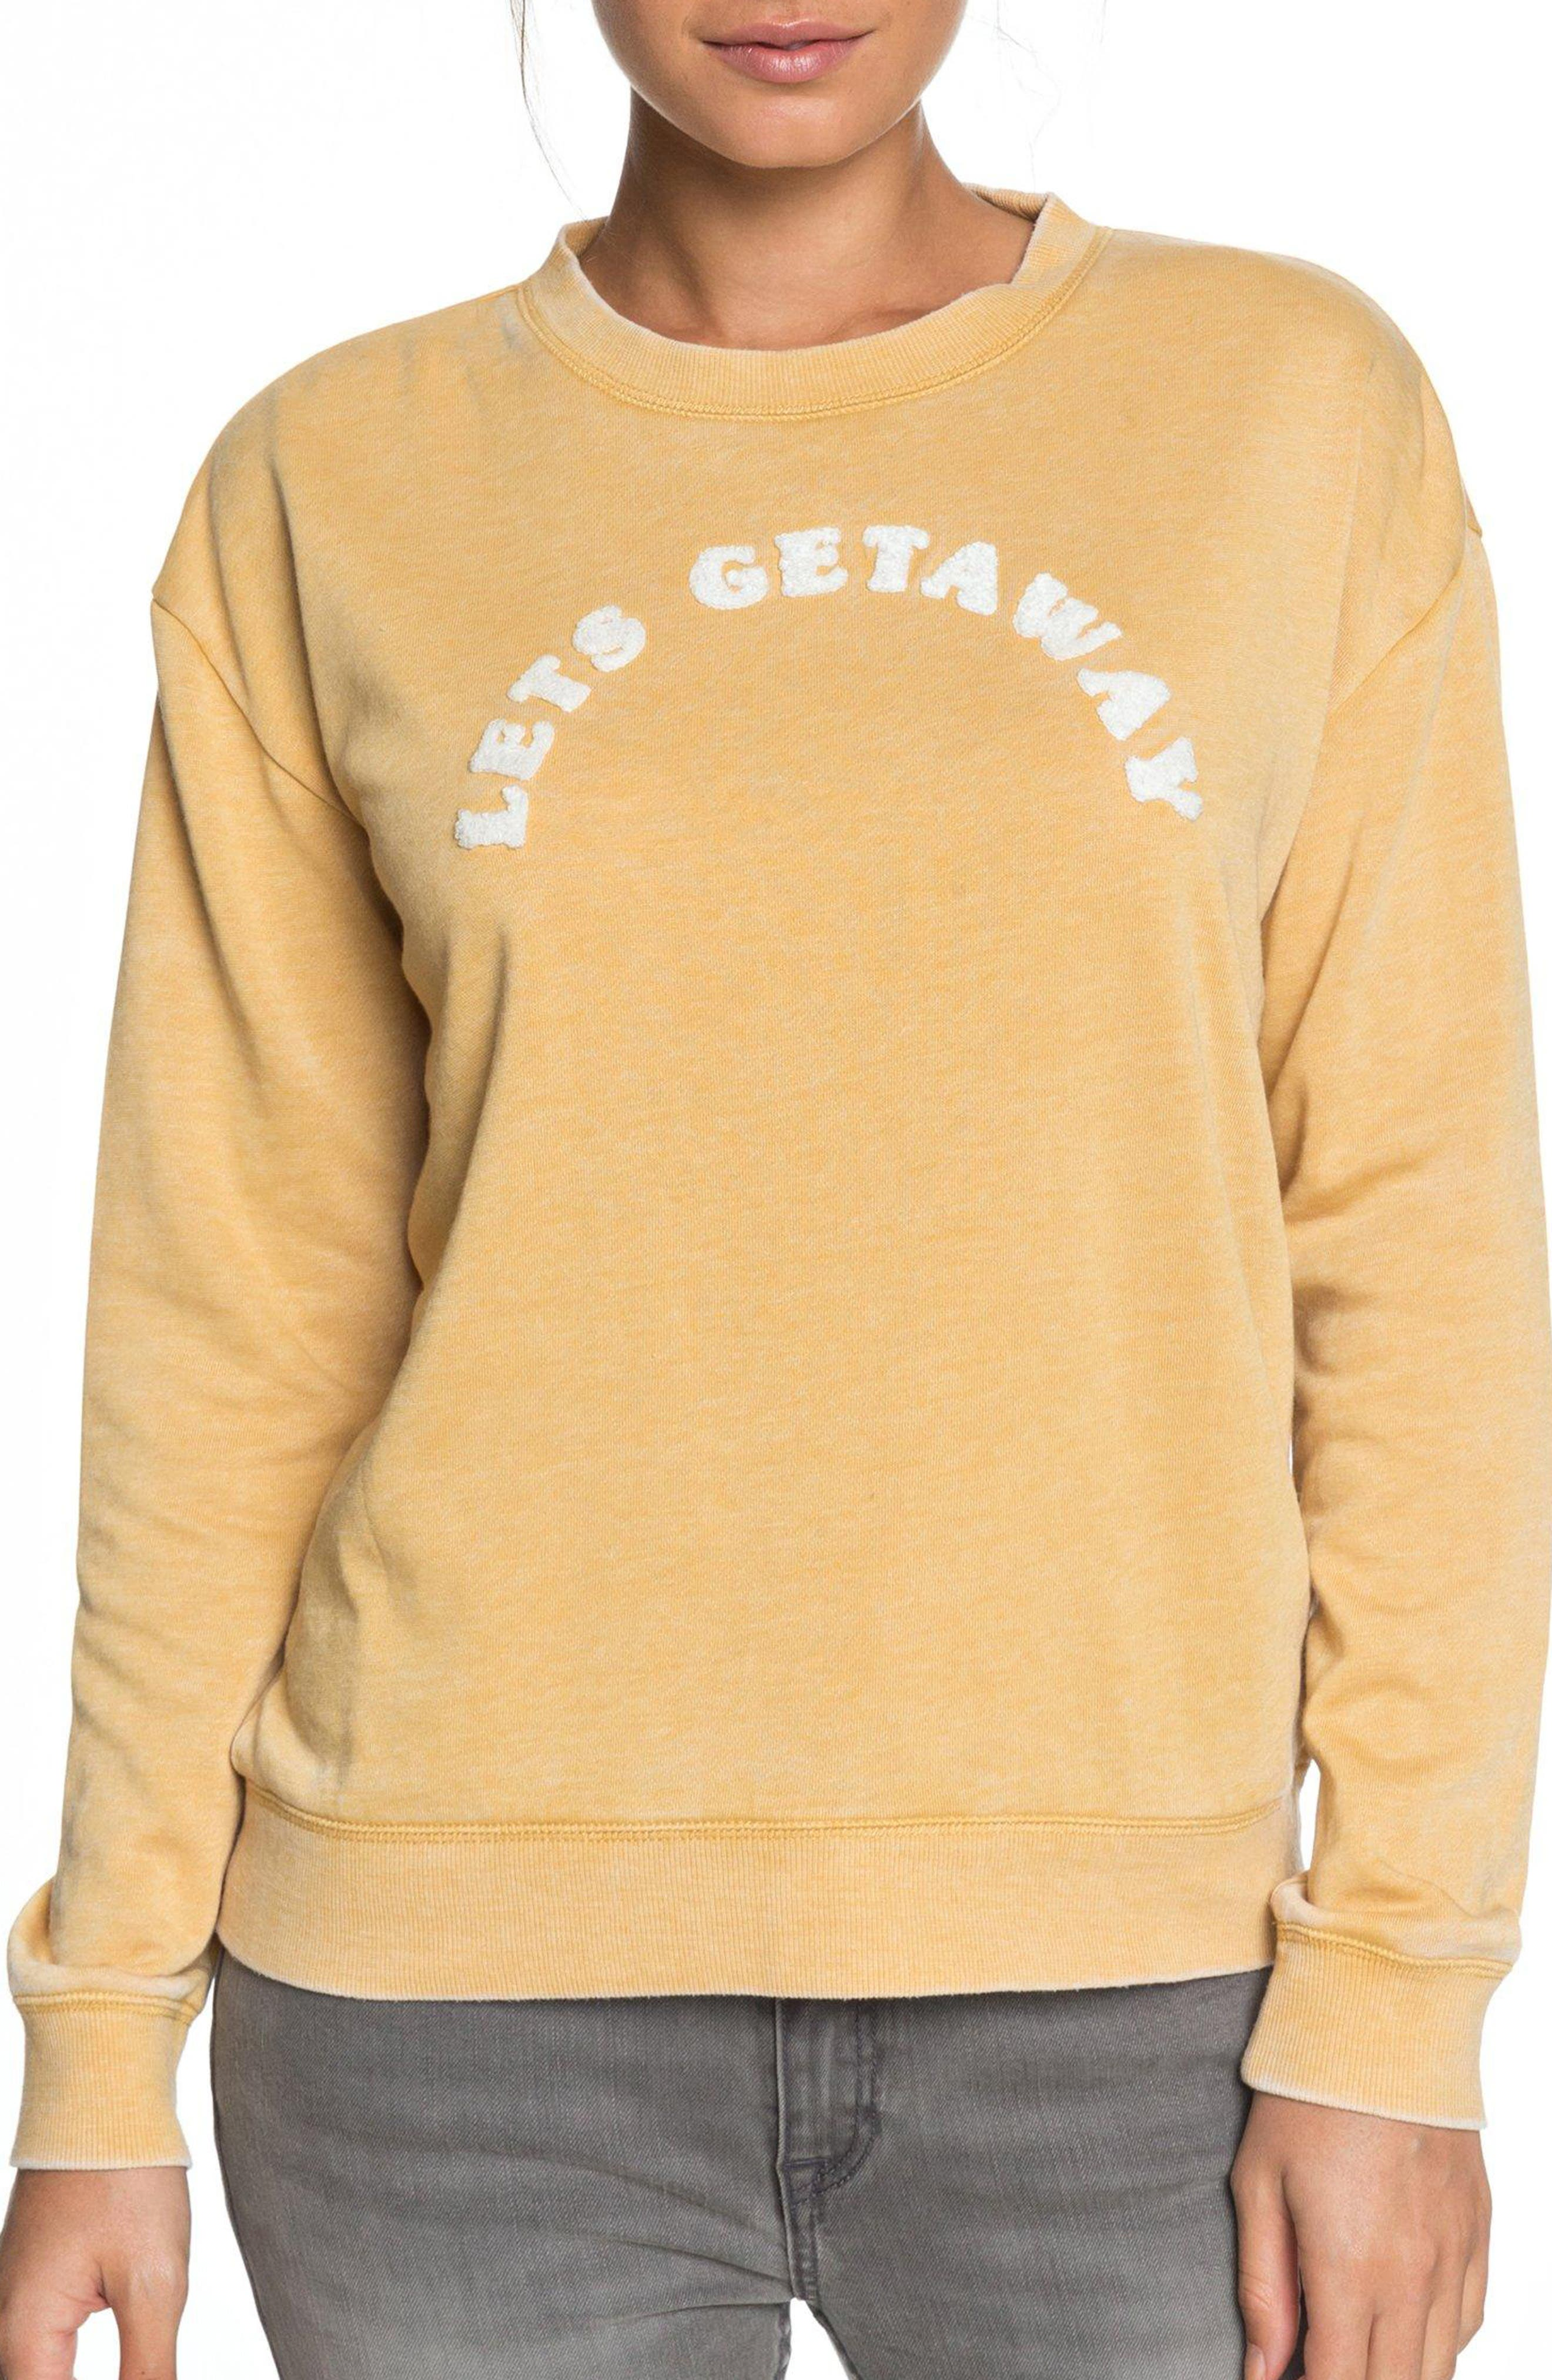 All At Sea Sweatshirt,                         Main,                         color, 700